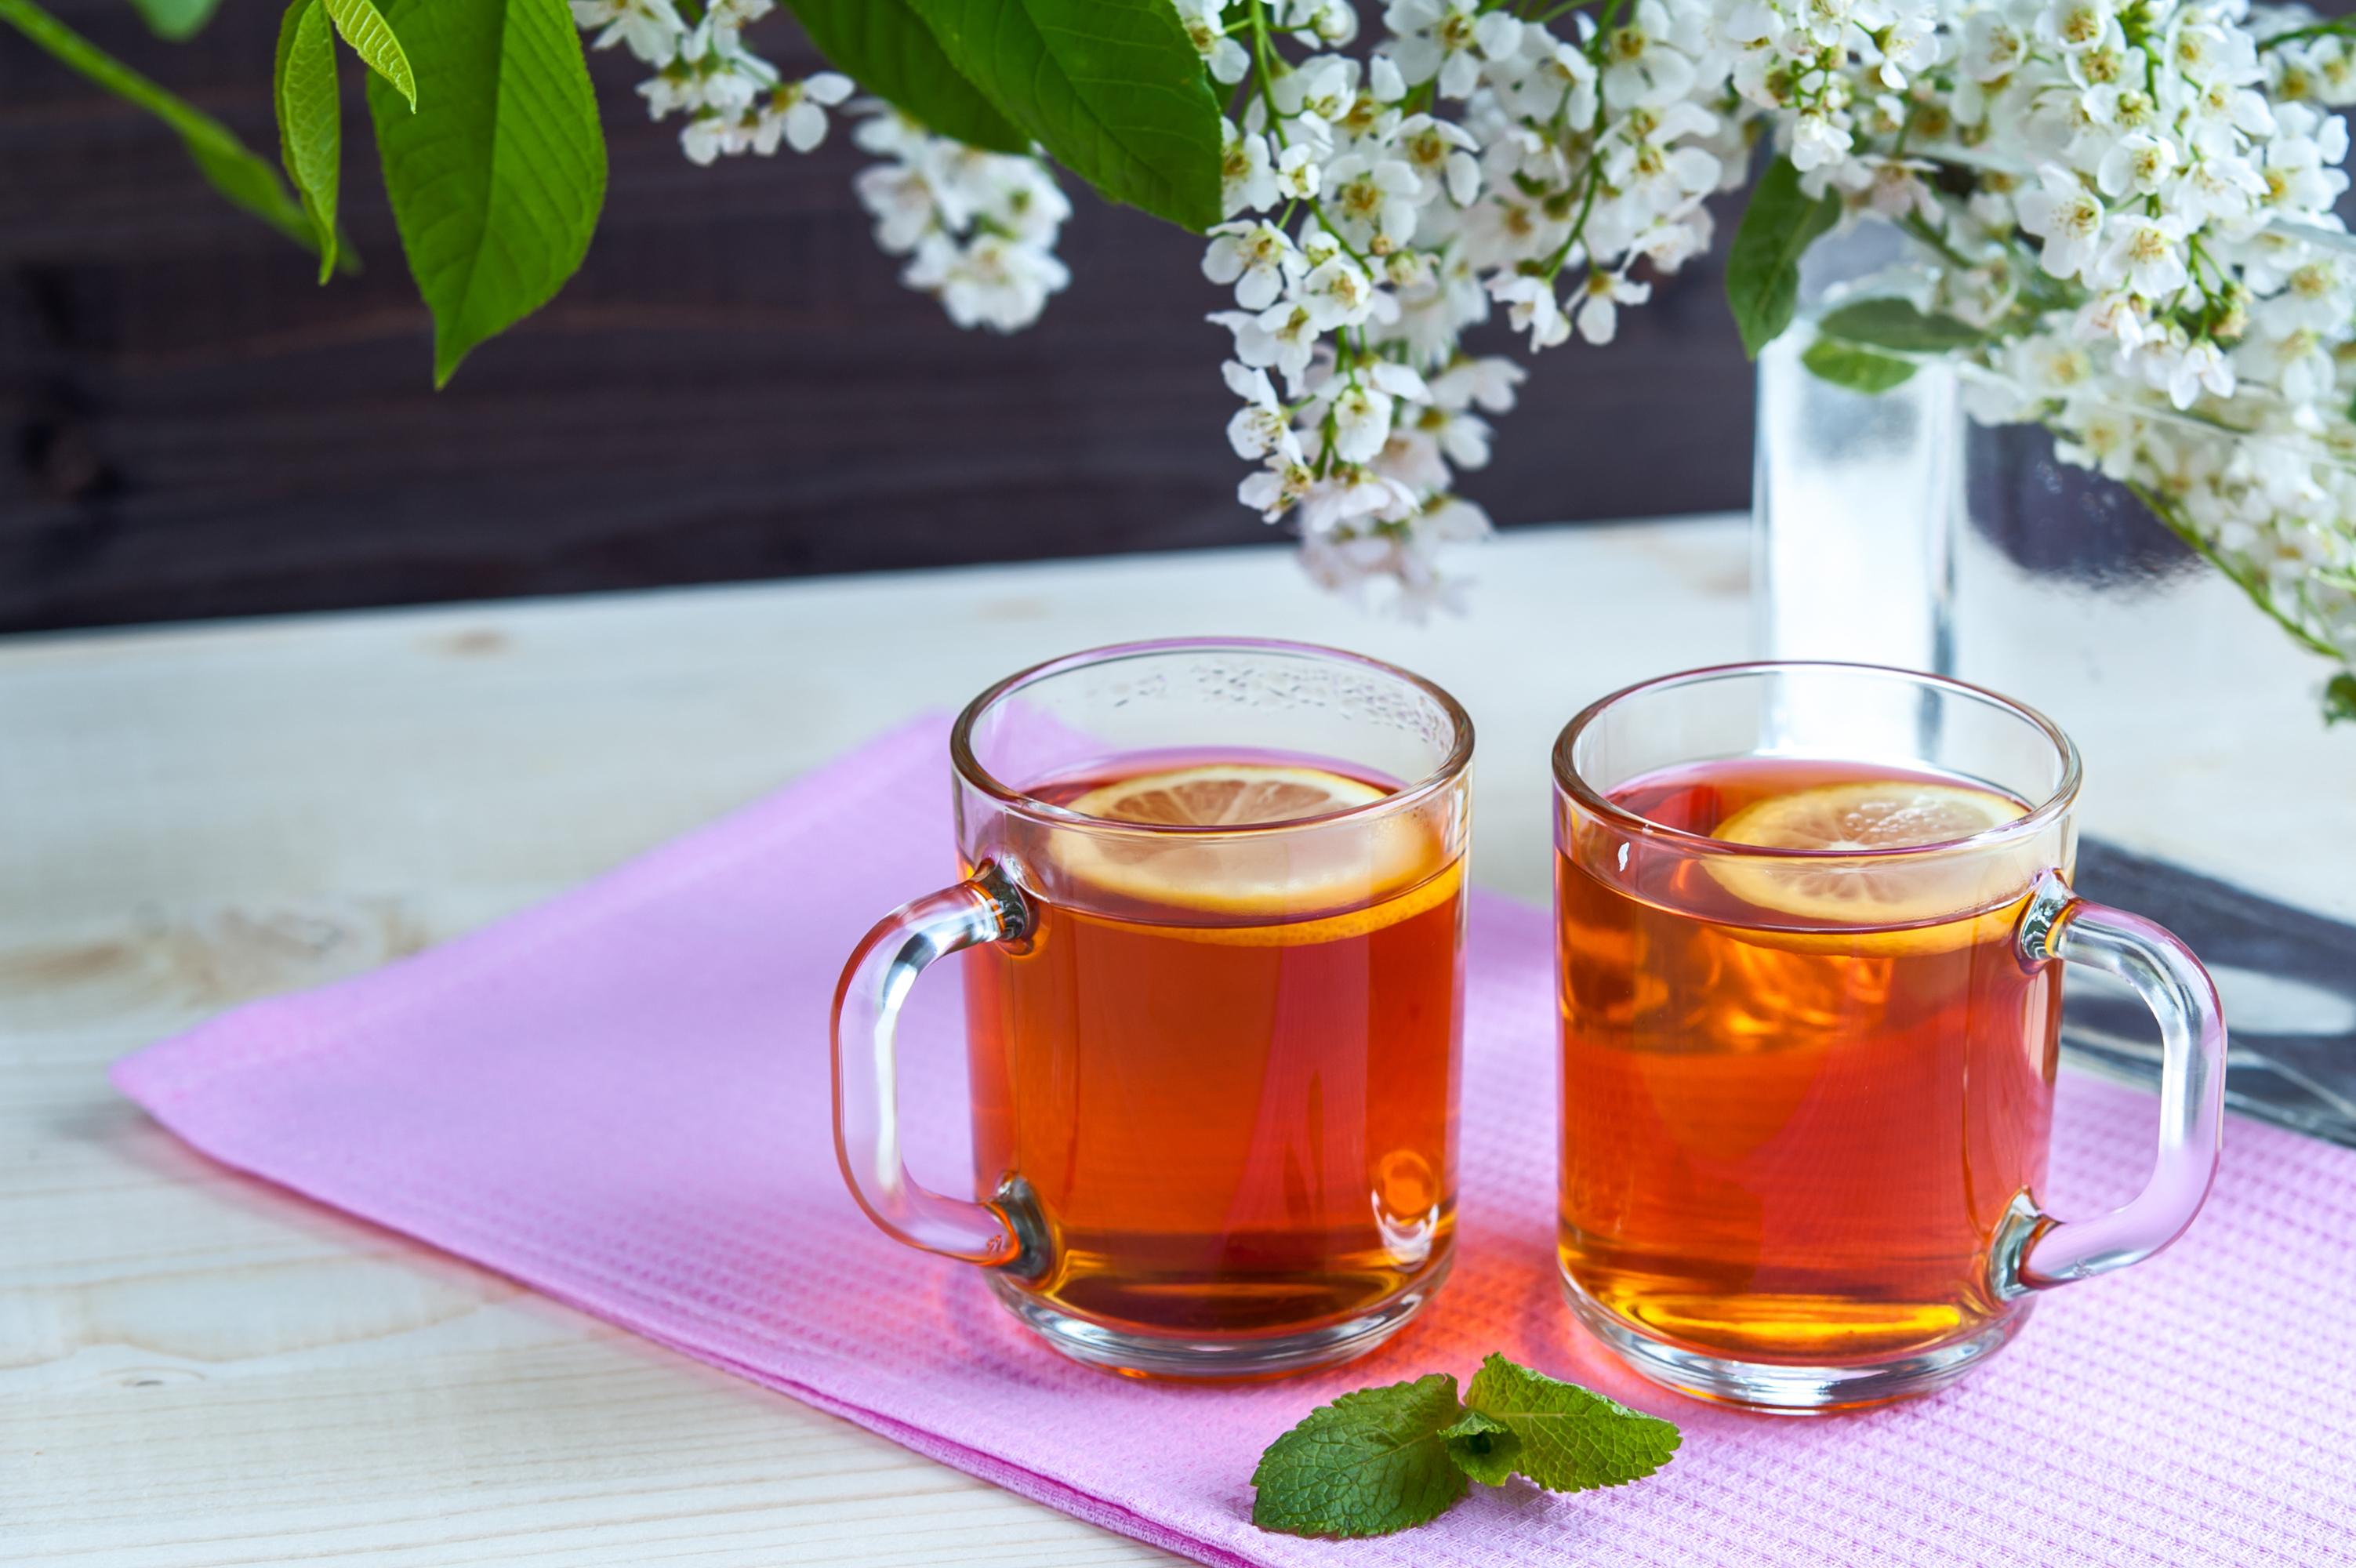 Картинка 2 Чай Пища Чашка 3005x2000 две два Двое вдвоем Еда чашке Продукты питания